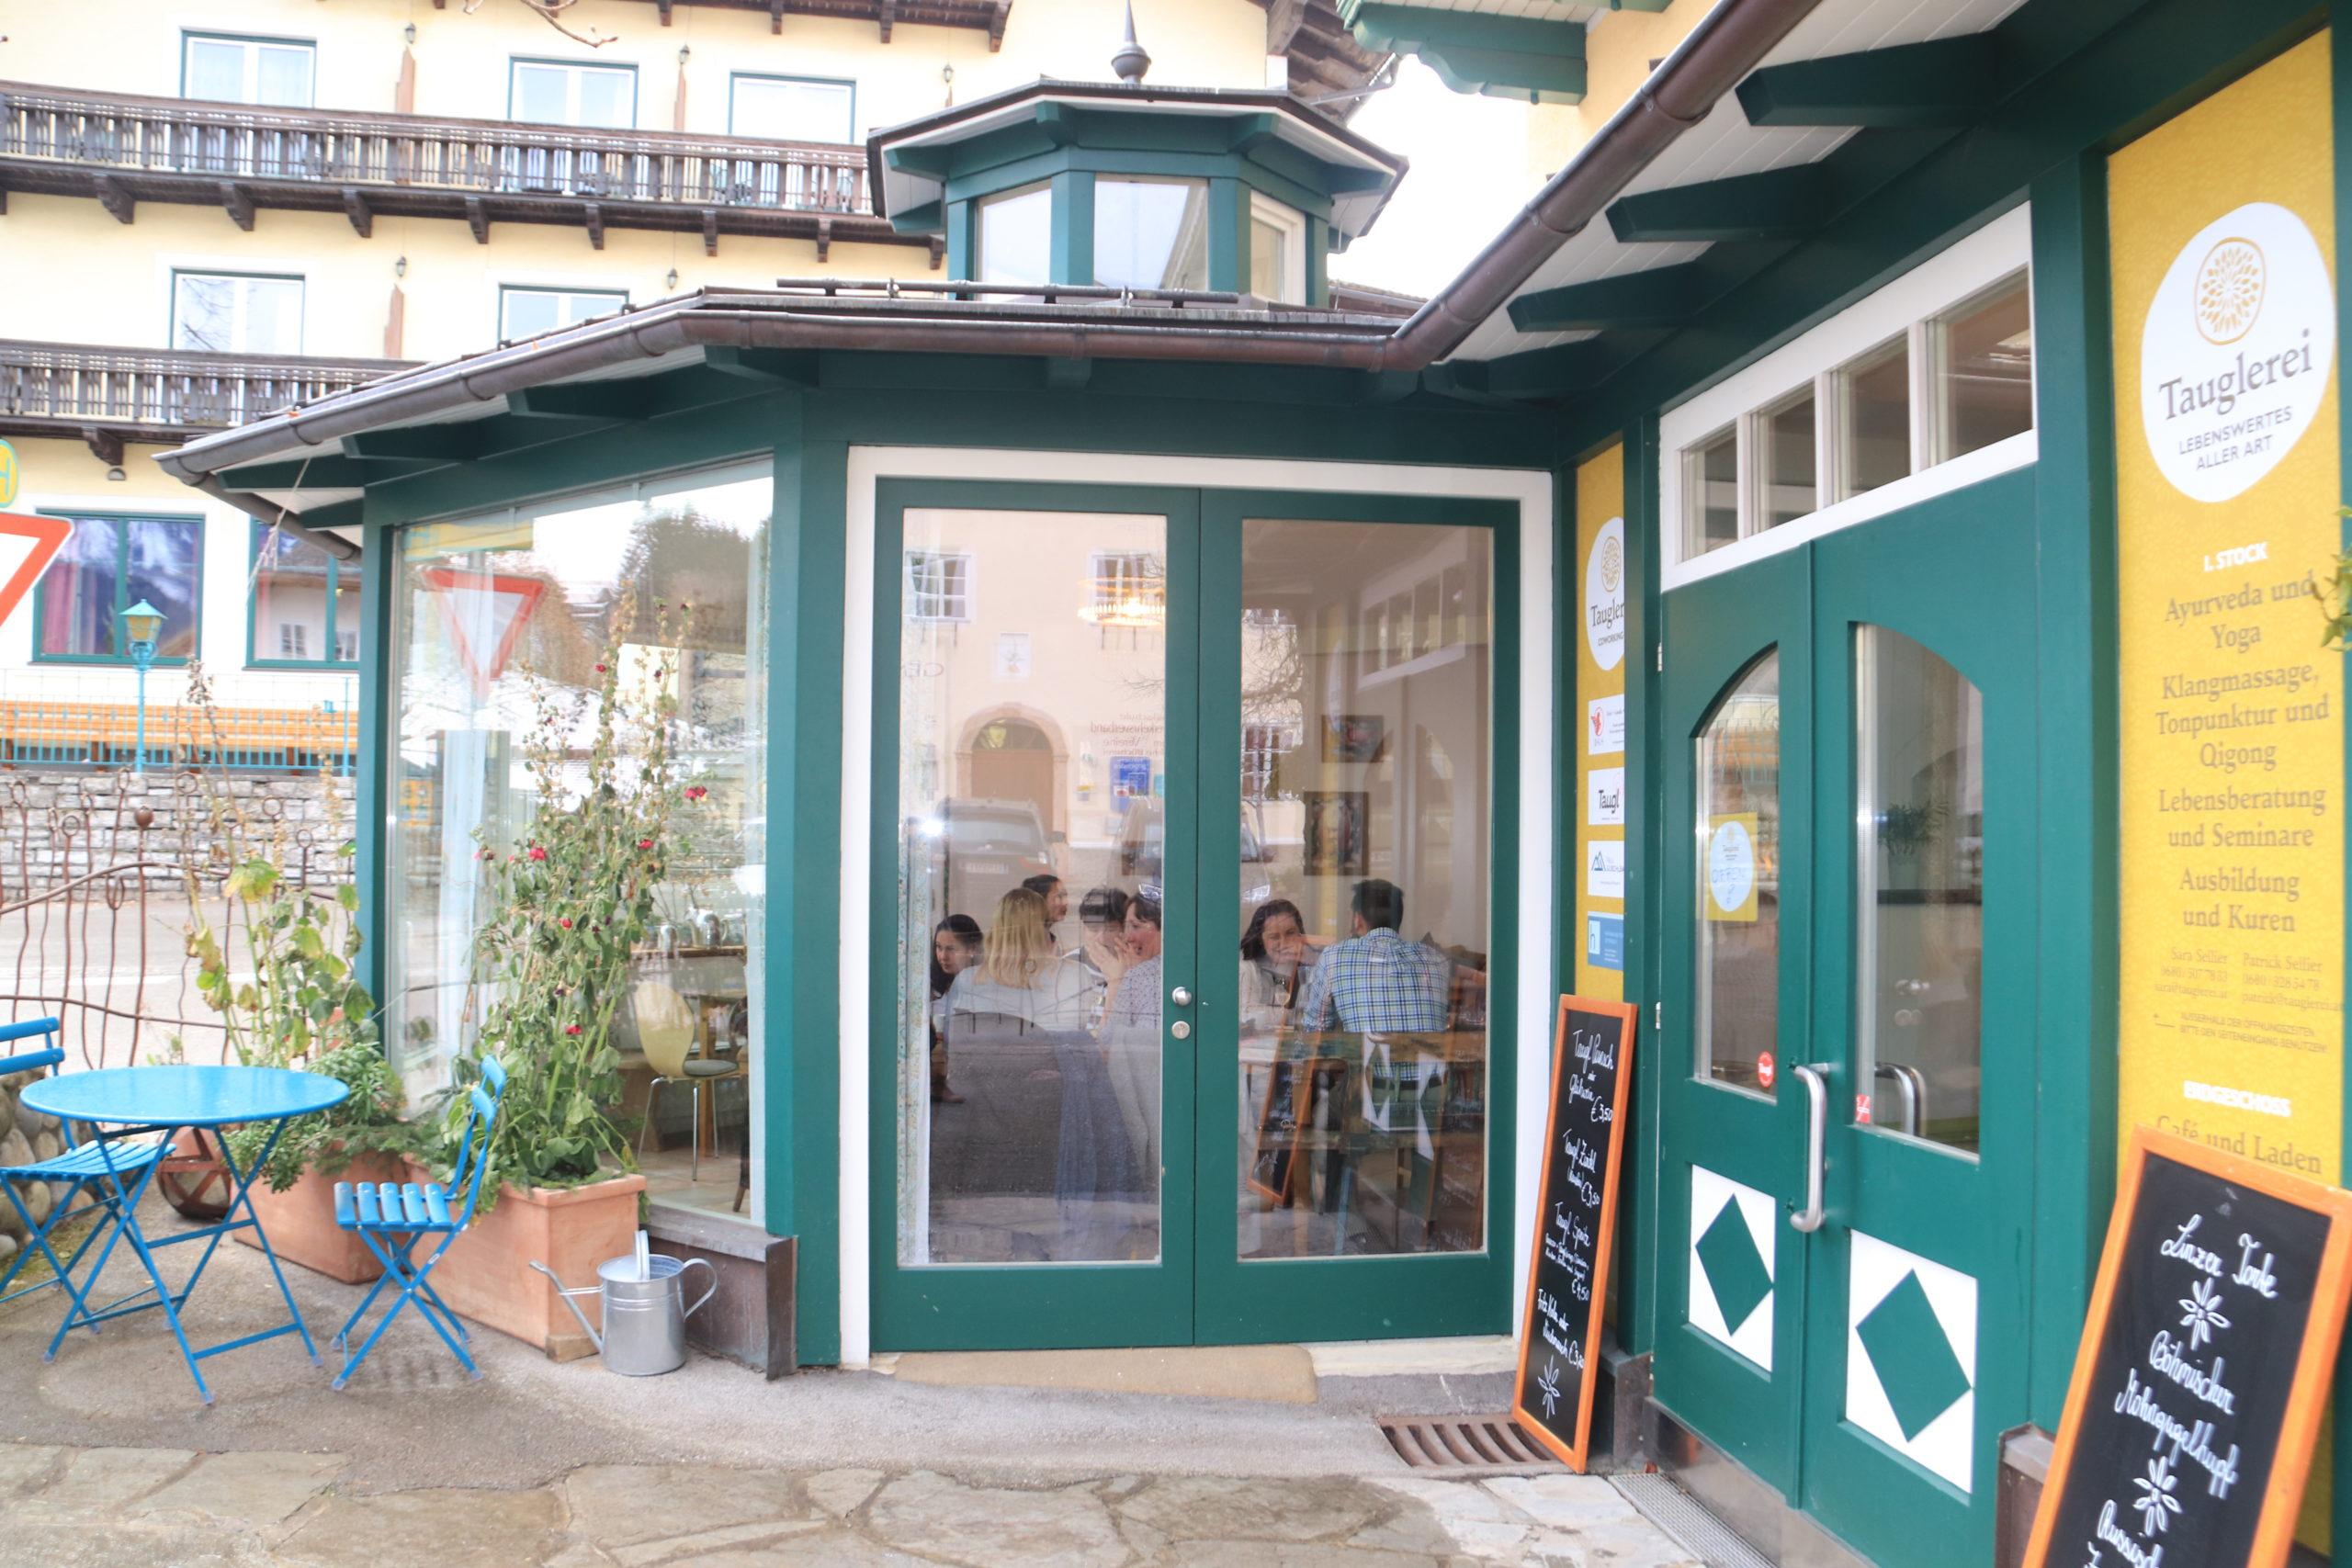 © Martina Egger  - im gemütlichen Wintergarten kann man regionale Köstlichkeiten des Tauglerei Café-Restaurants genießen